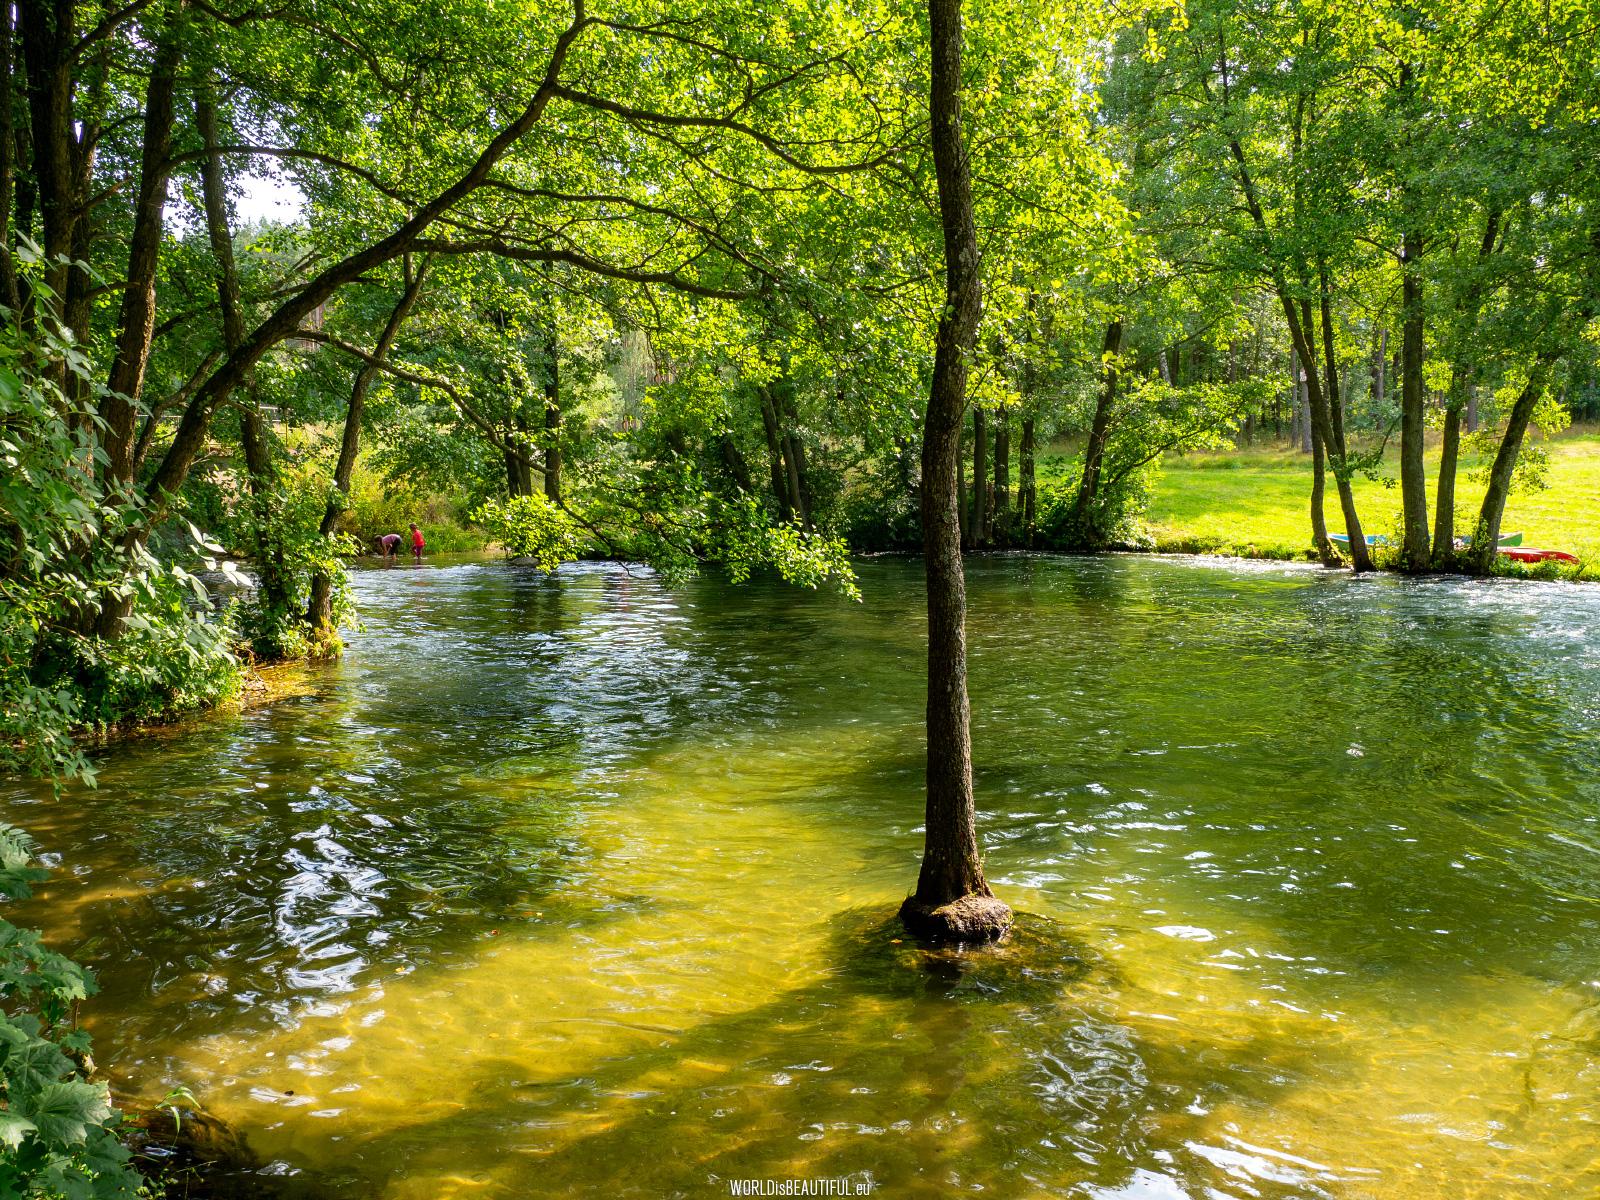 Szmaragdowa rzeka